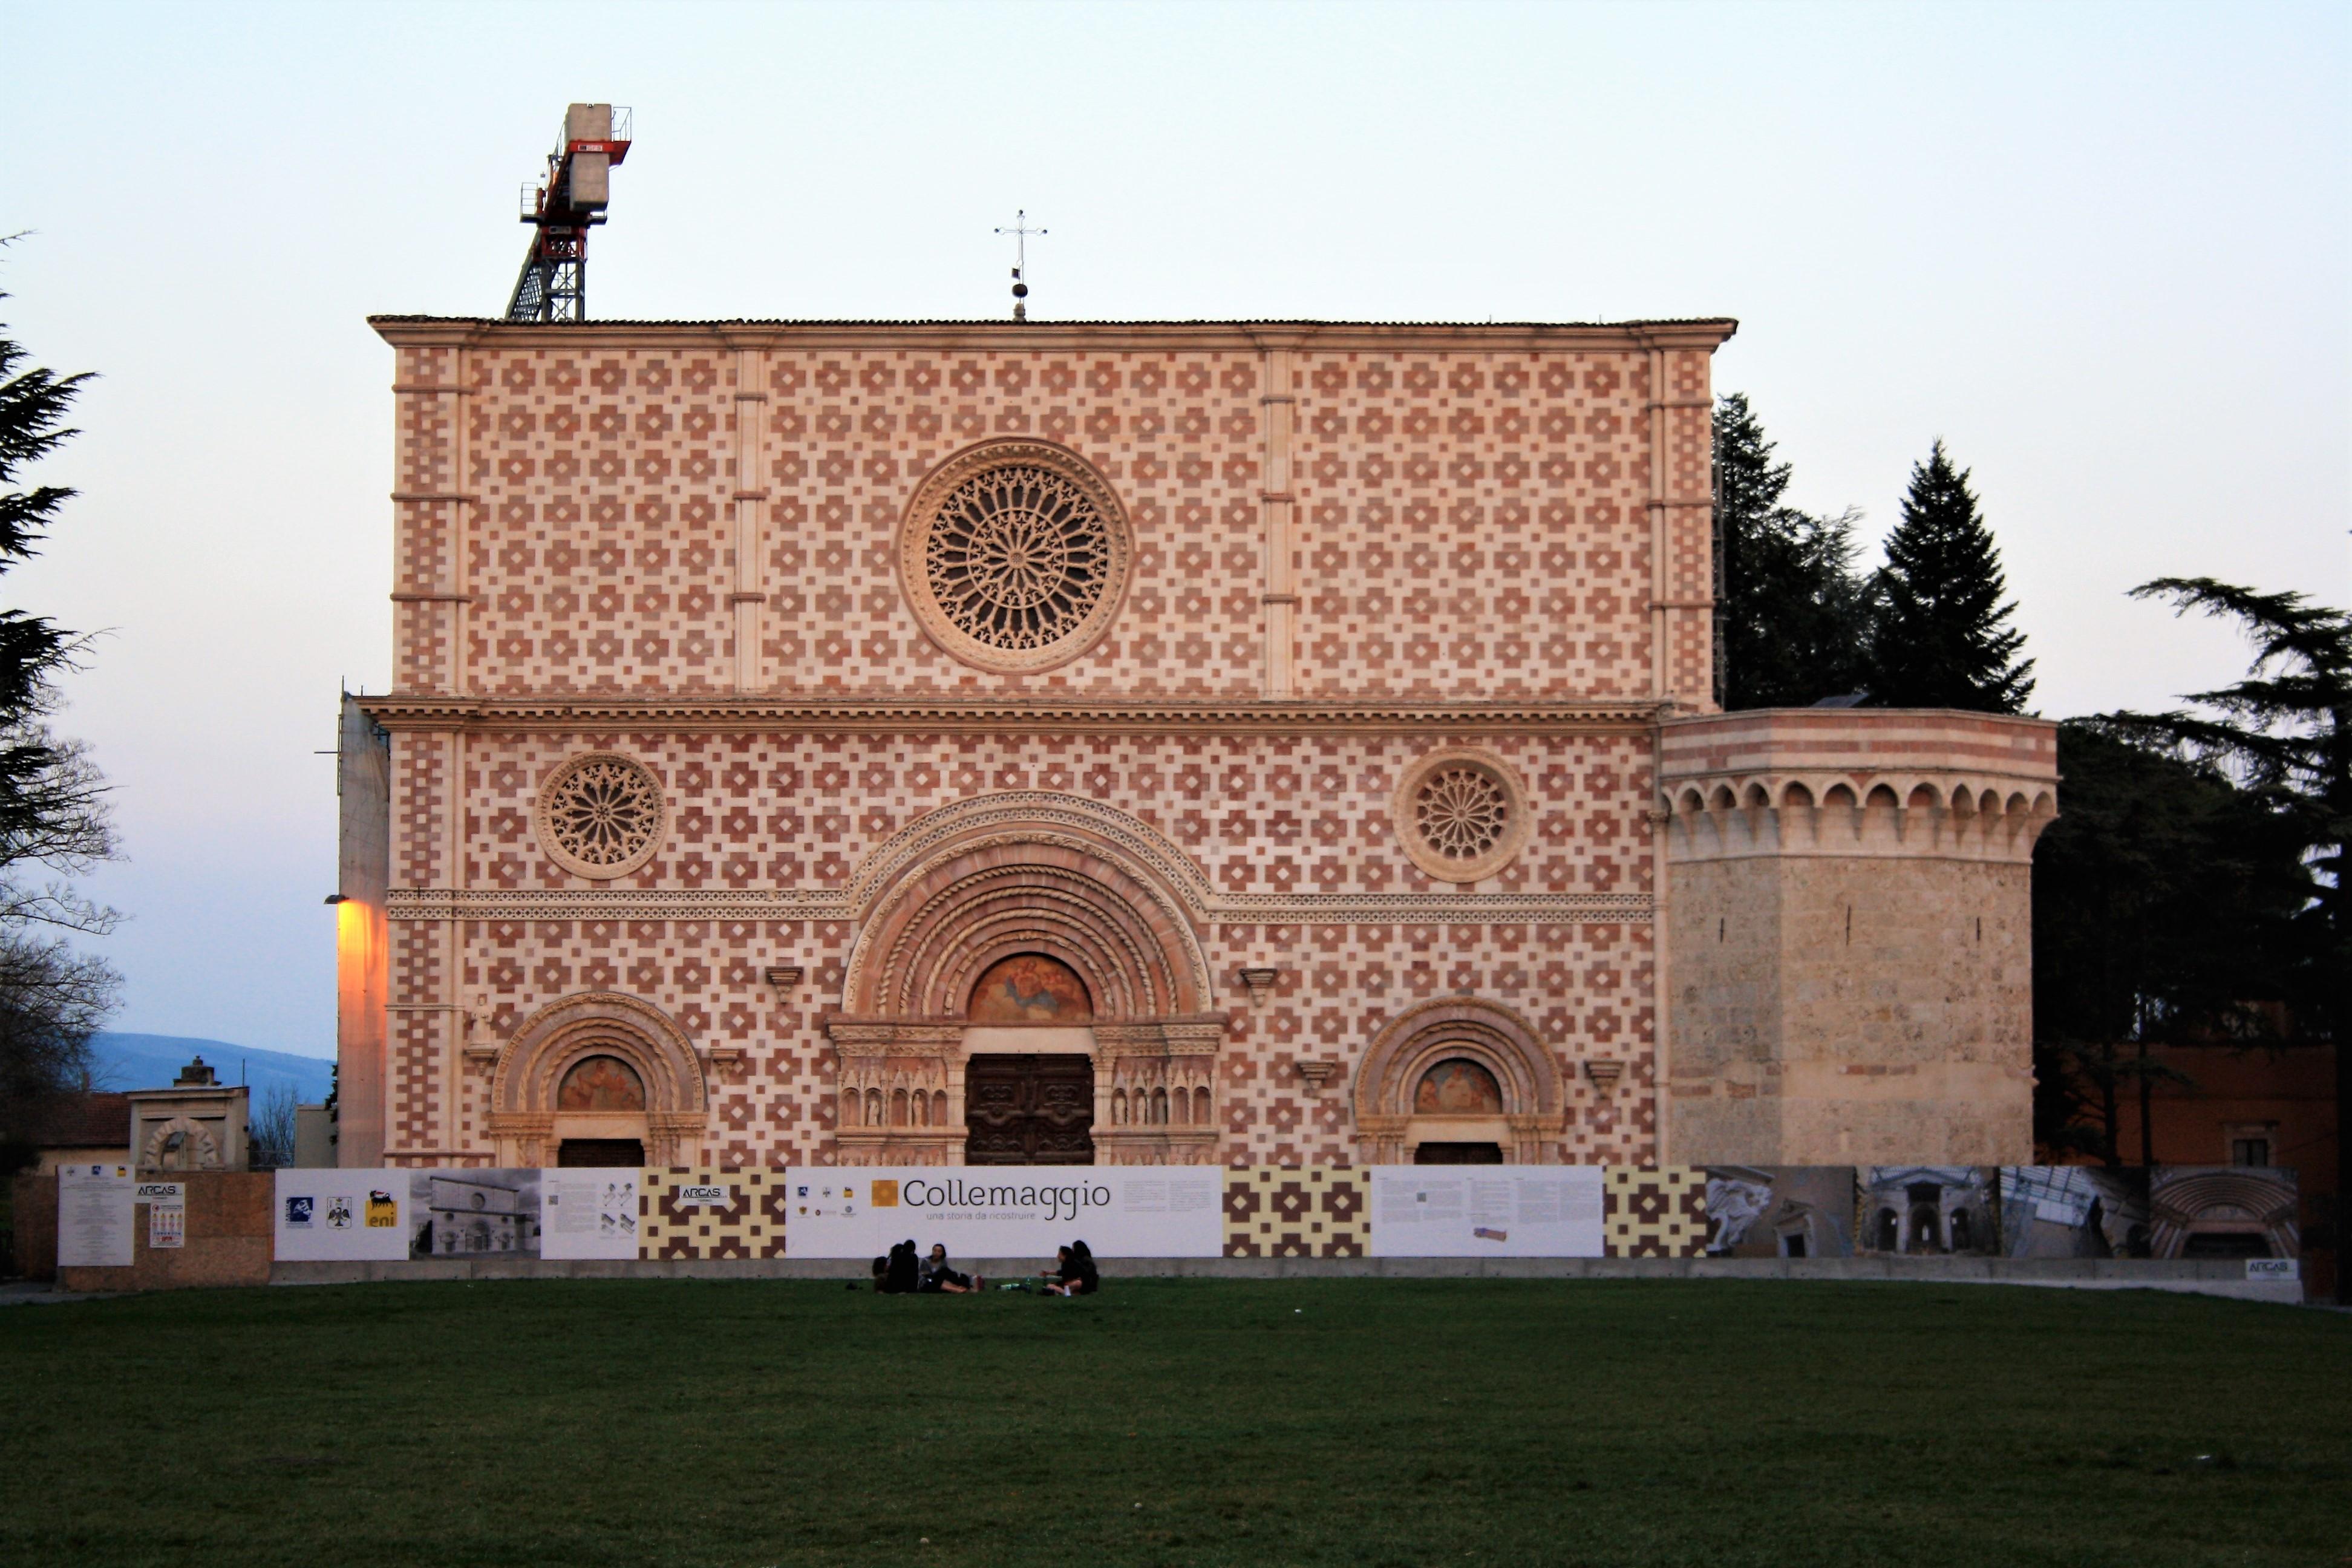 GetCOO Basilica di Collemaggio L'Aquila